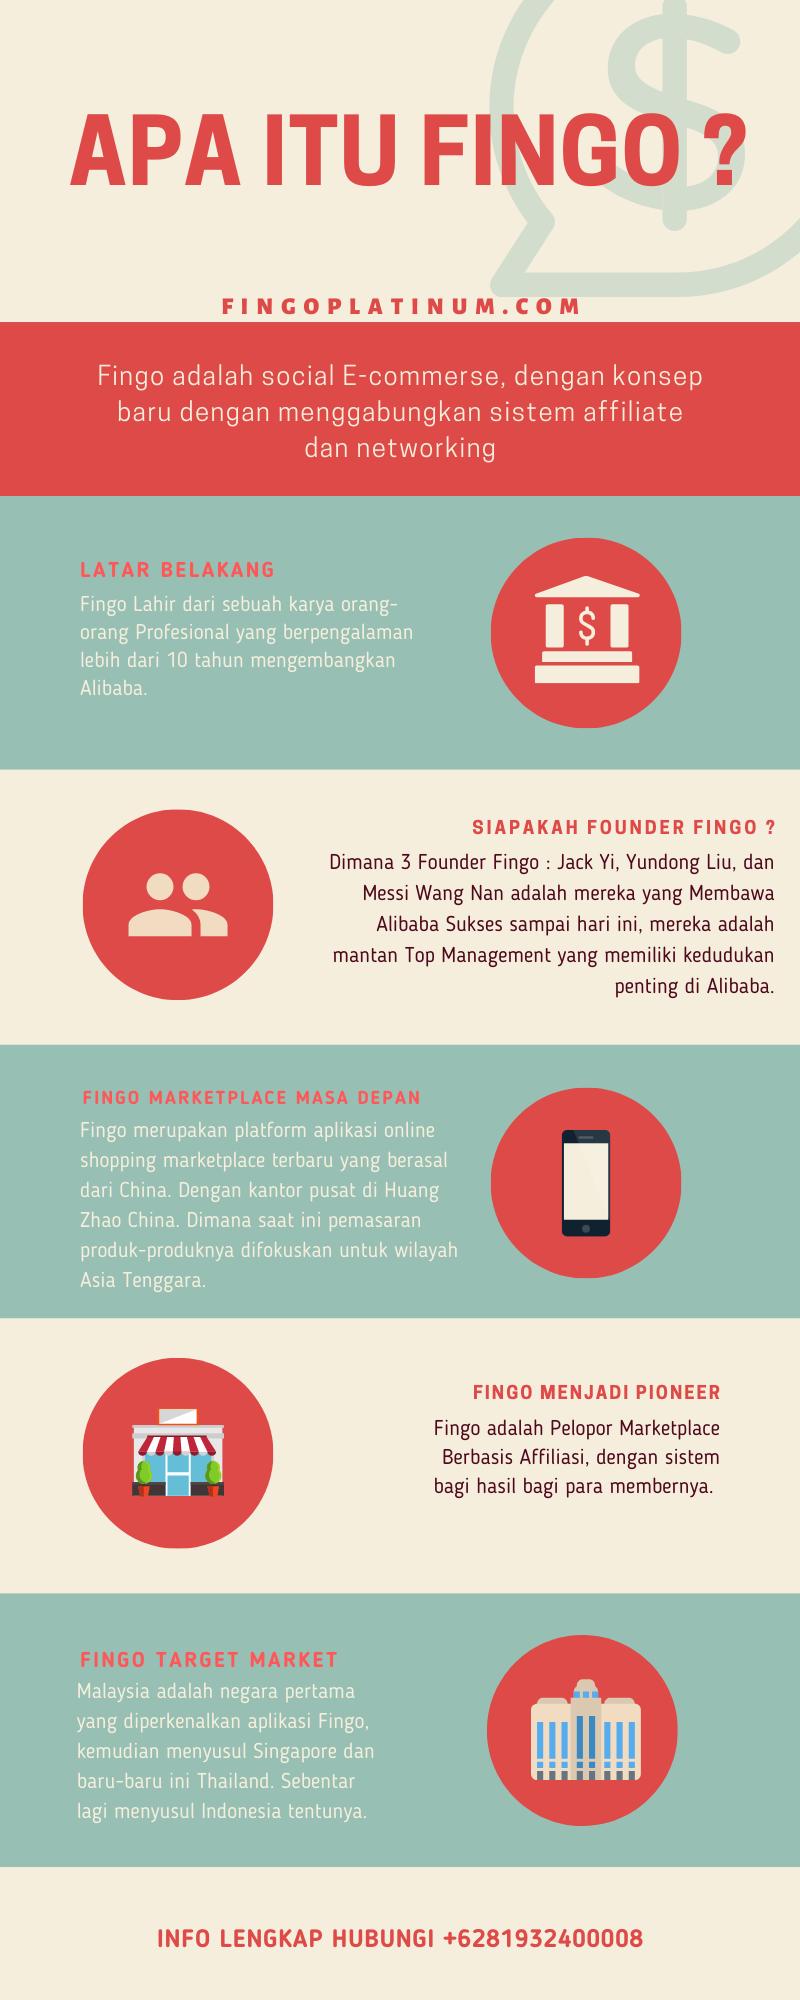 Apa Itu Fingo Bagaimana Cara Kerja Fingo Hp 62819 3240 0008 Ide Bisnis Pemasaran Bisnis Marketing